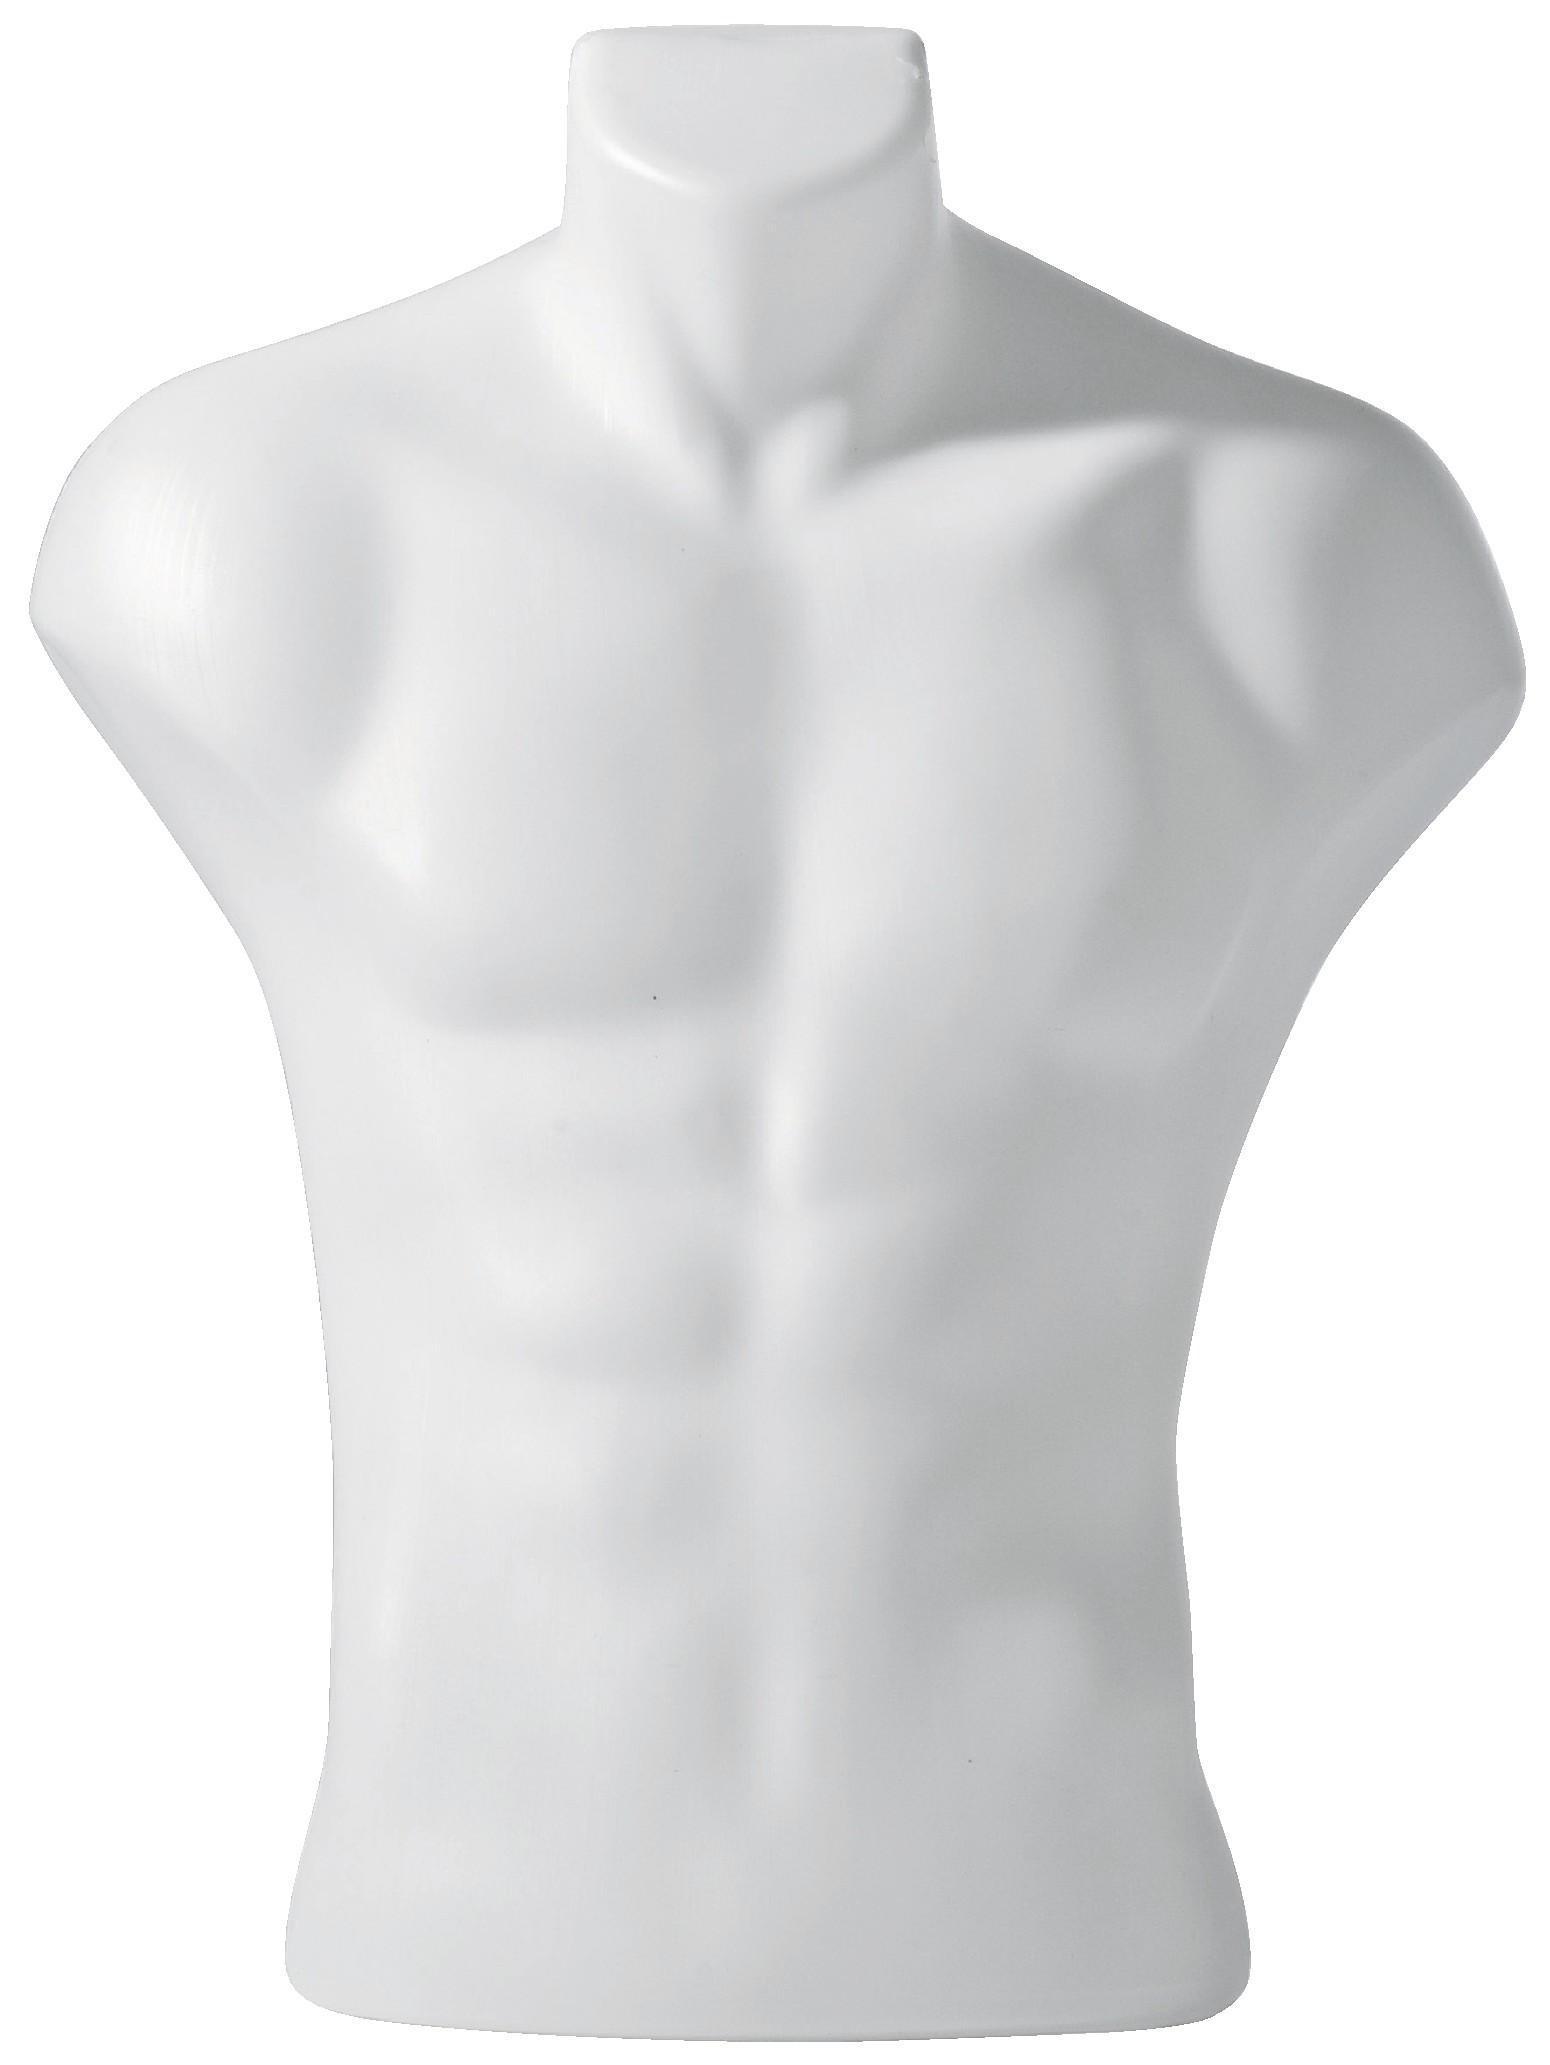 Heren torso wit